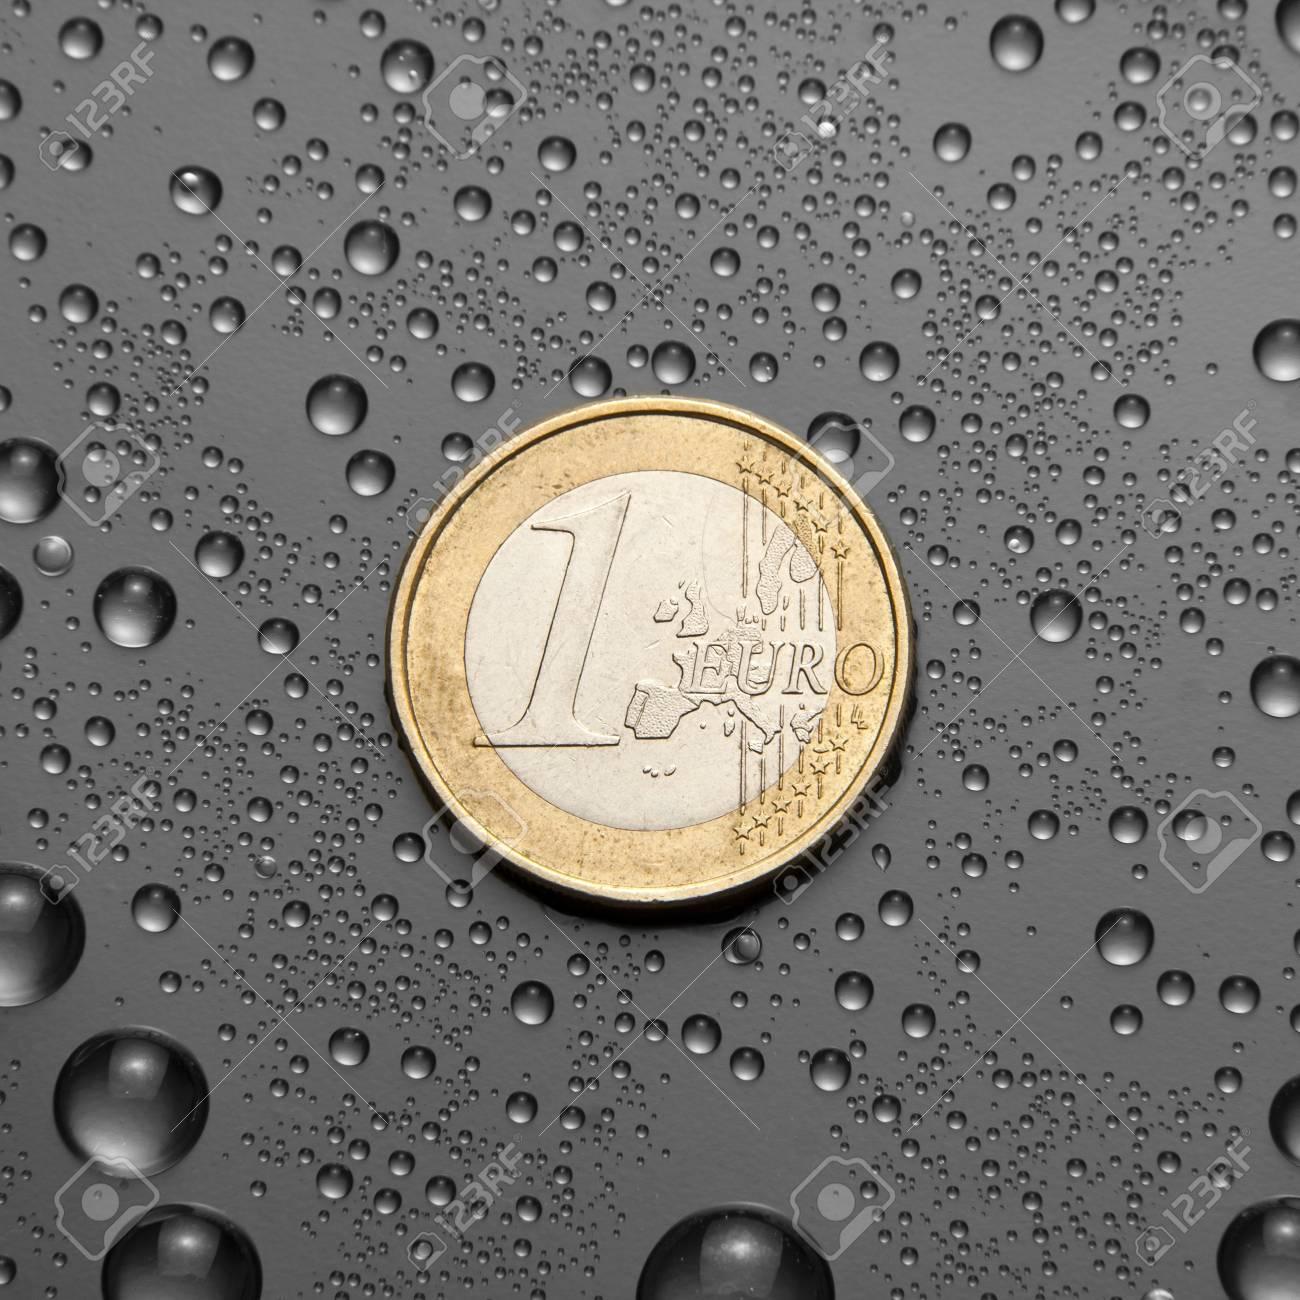 Eine Euromünze Mit Wassertropfen Lizenzfreie Fotos Bilder Und Stock